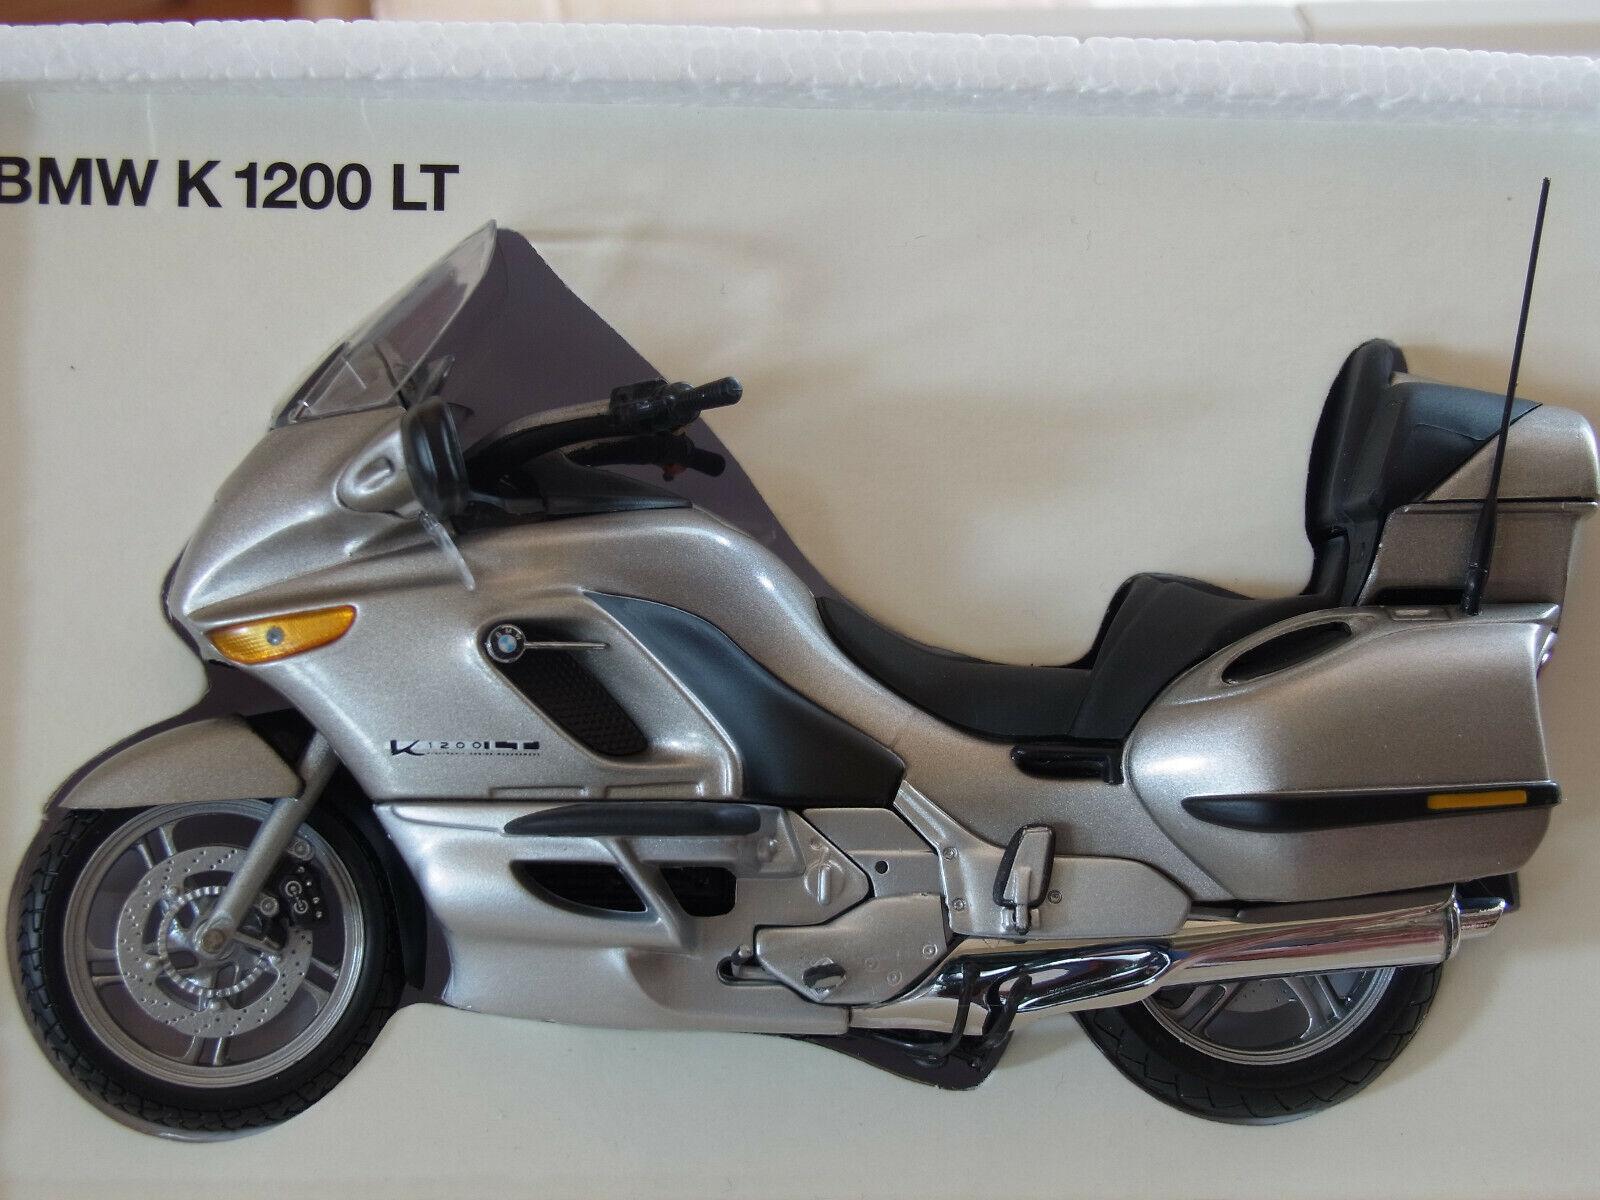 migliore qualità BMW K 1200 1200 1200 LT CHAMPAGNE Minichamps nr 80 43 9 421 479 rarità 1 18 OVP  con il 60% di sconto